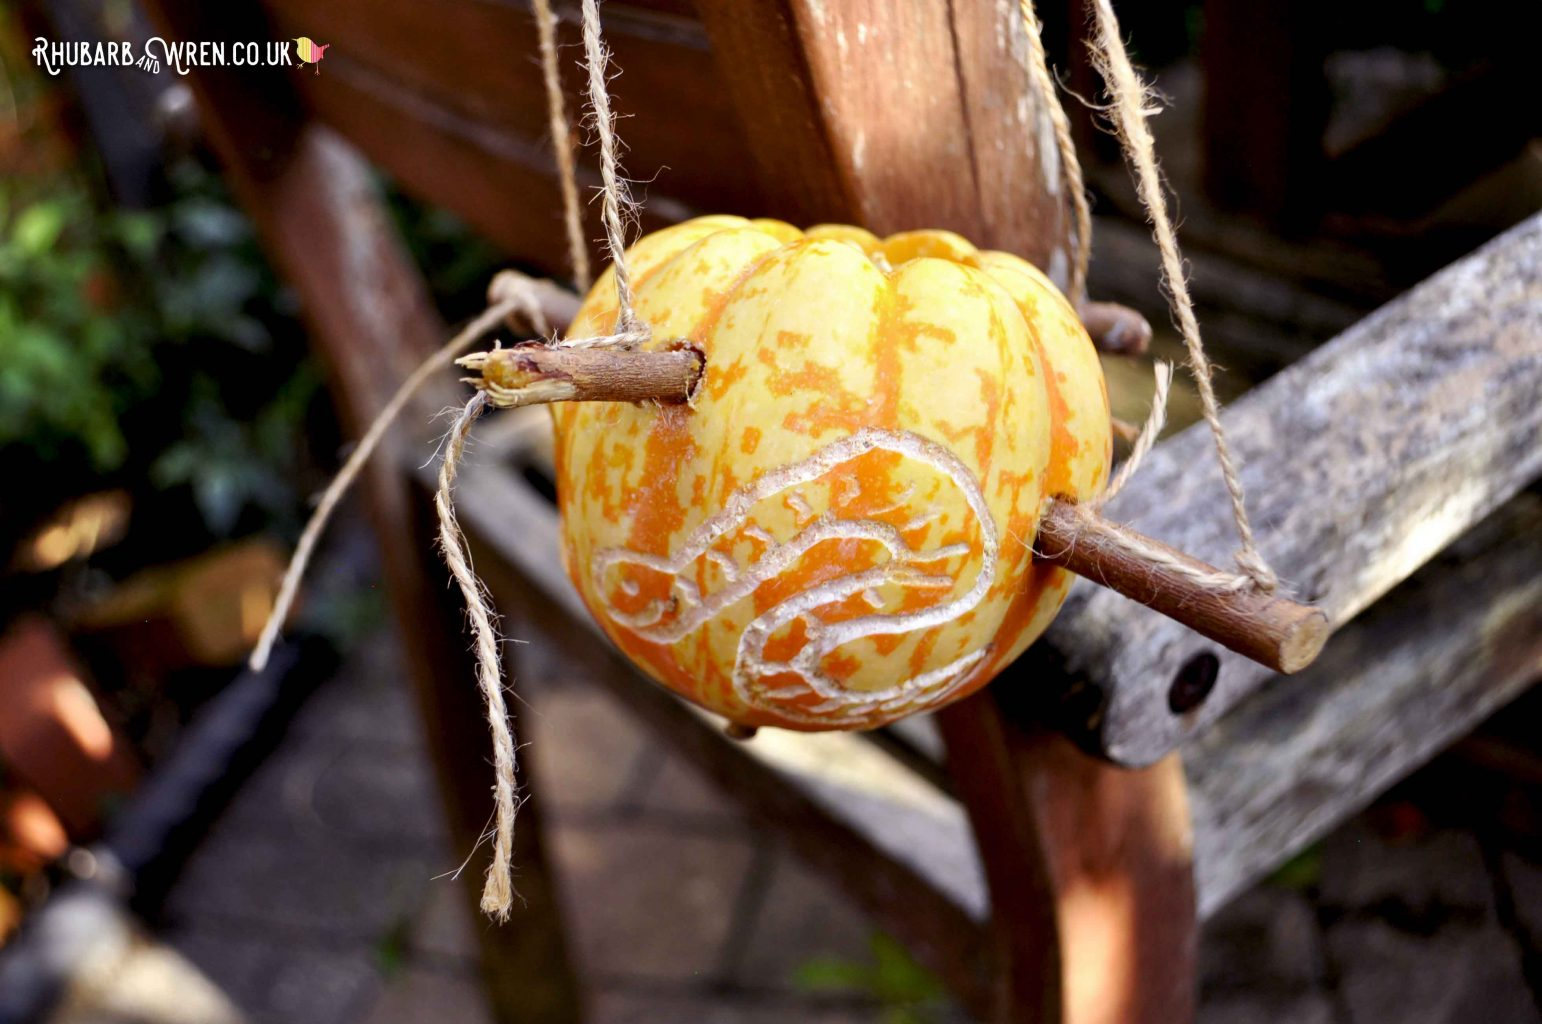 worm carved on side of pumpkin bird feeder